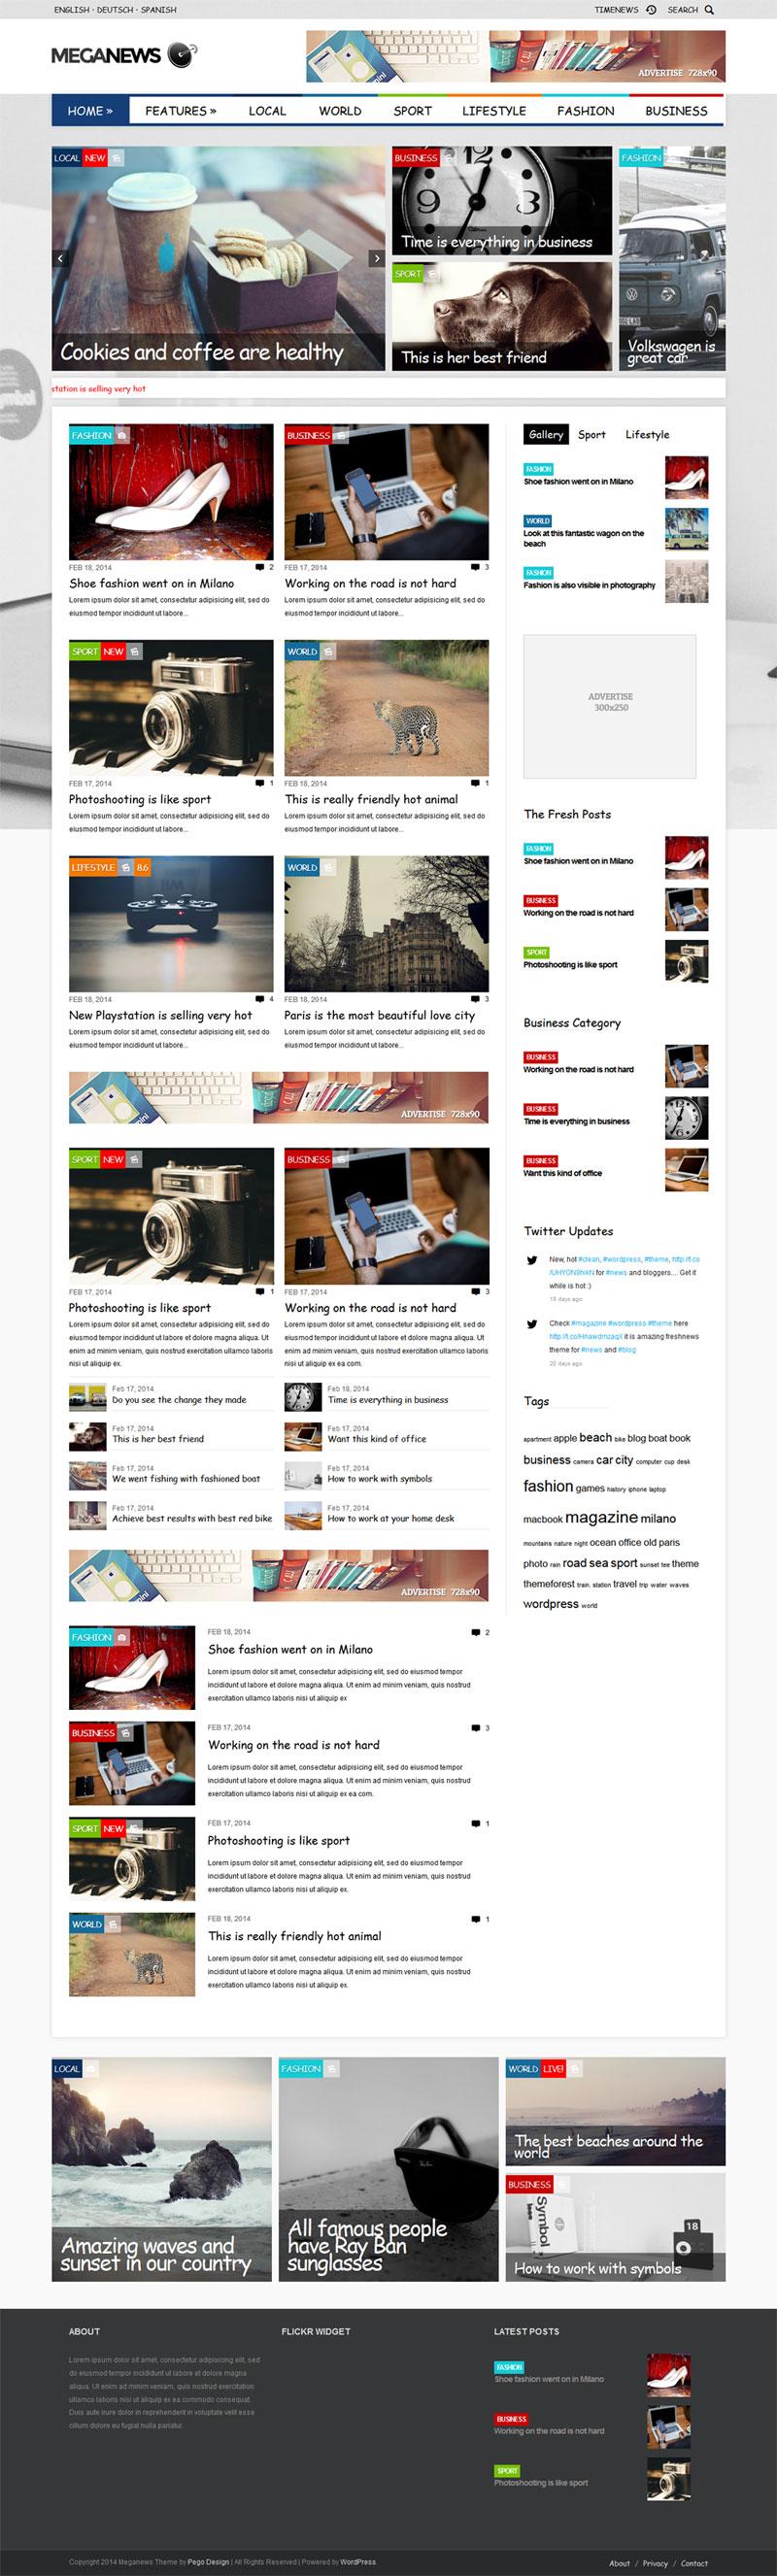 WordPress CMS新闻杂志主题Meganews